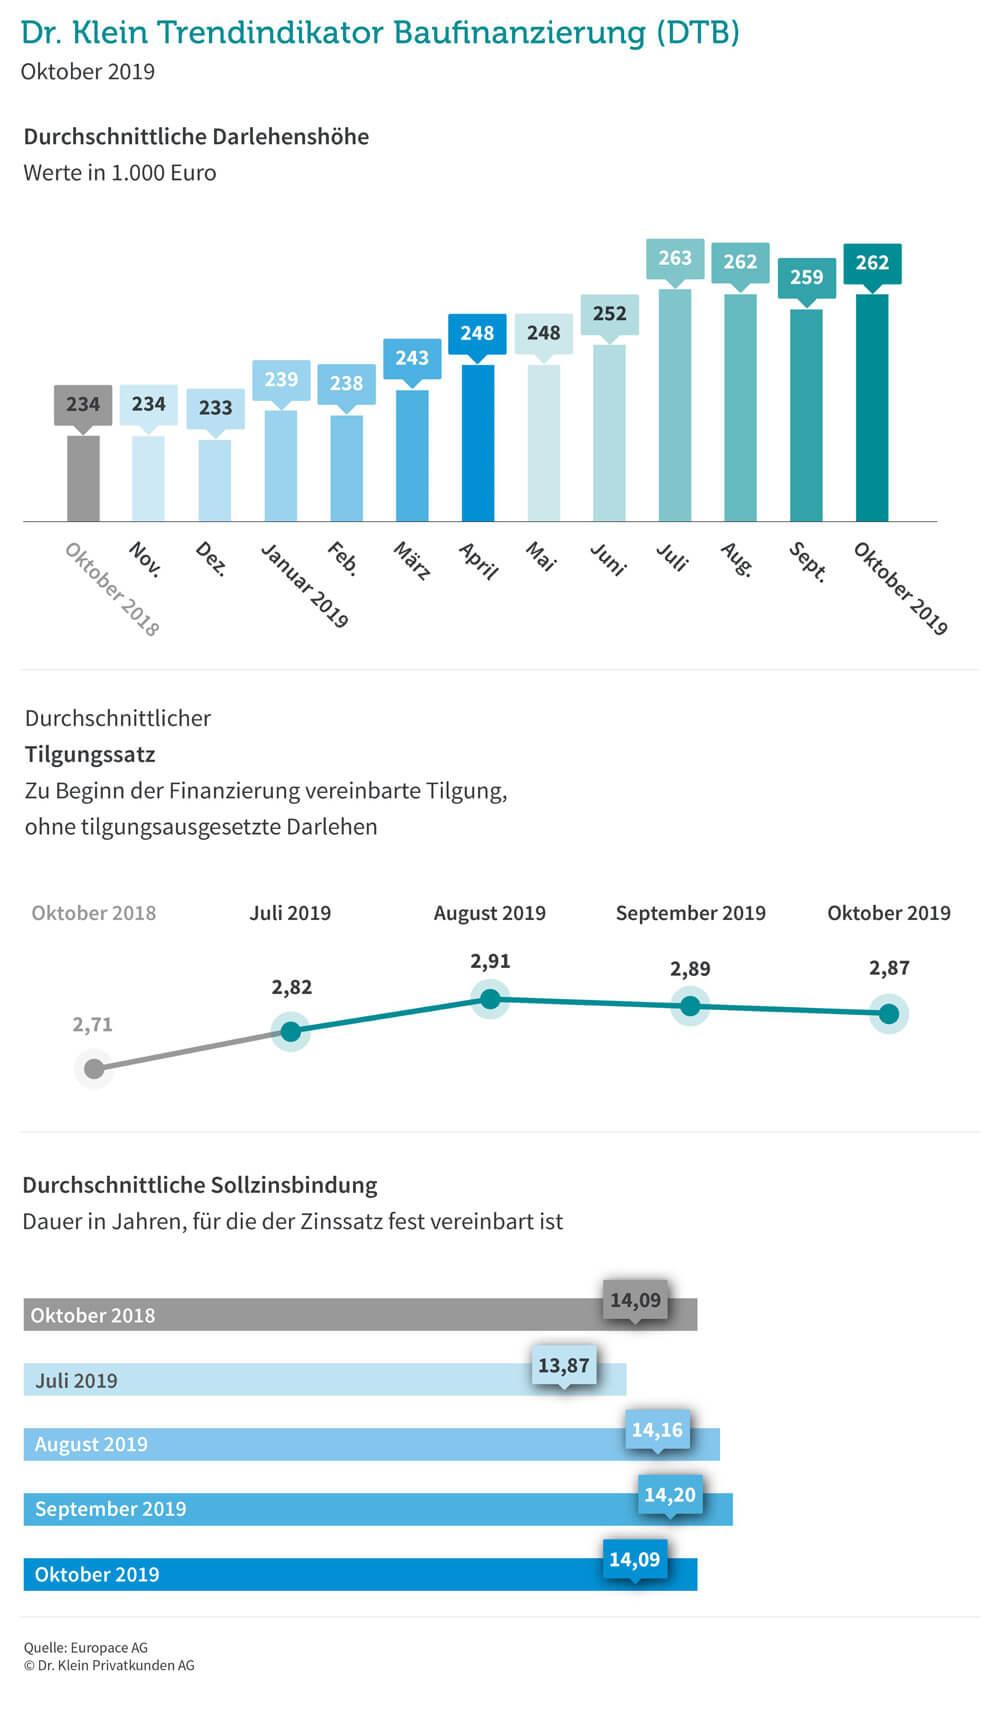 Dr Klein Trendindikator Baufinanzierung 10 2019